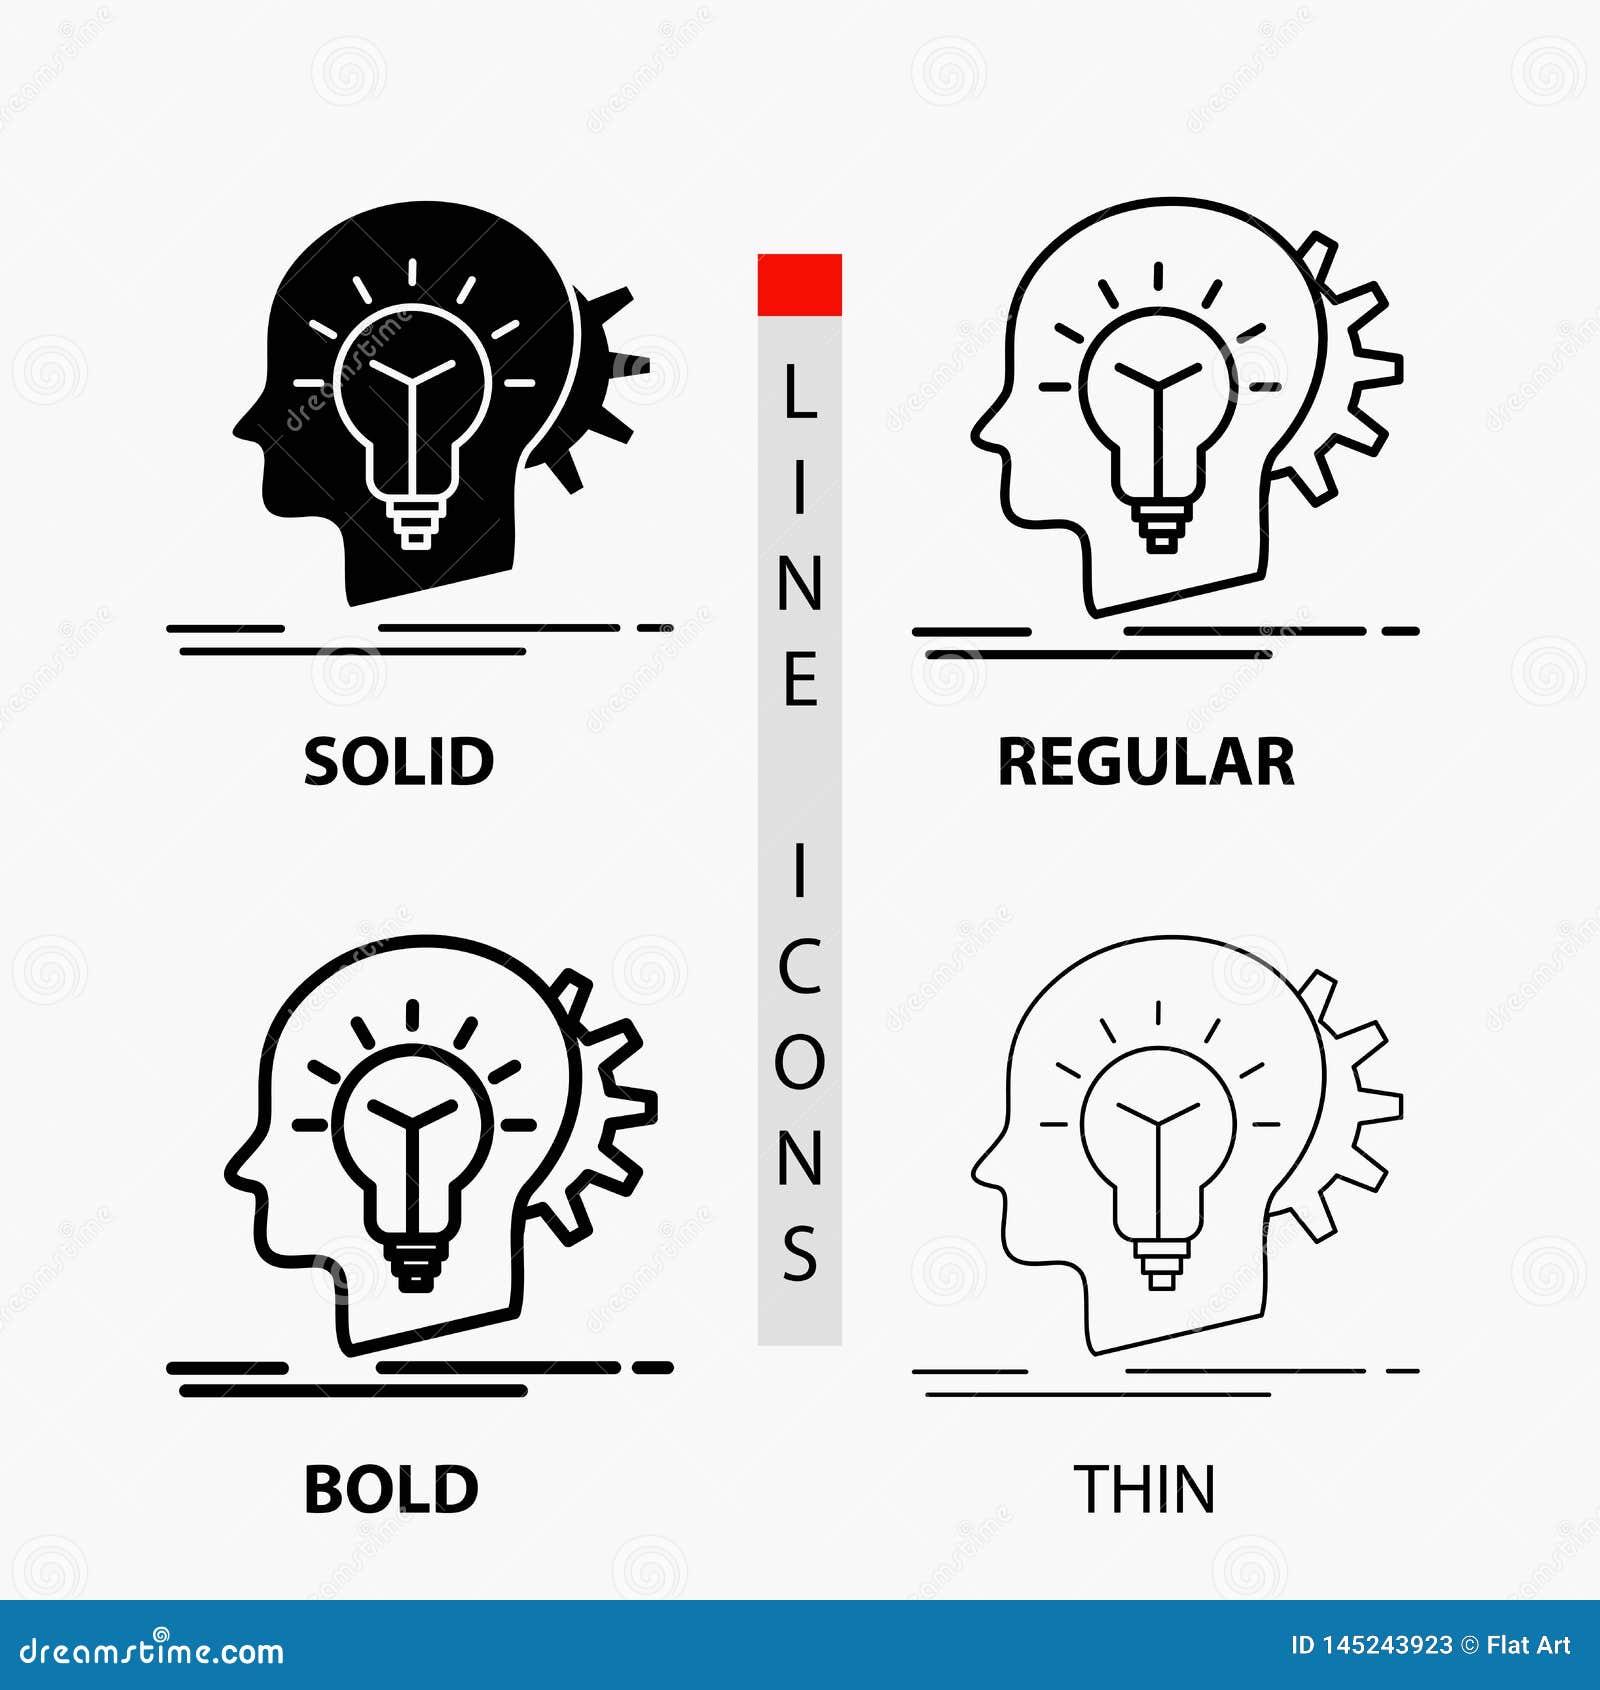 δημιουργικός, δημιουργικότητα, κεφάλι, ιδέα, εικονίδιο σκέψης στη λεπτά, κανονικά, τολμηρά γραμμή και το ύφος Glyph r